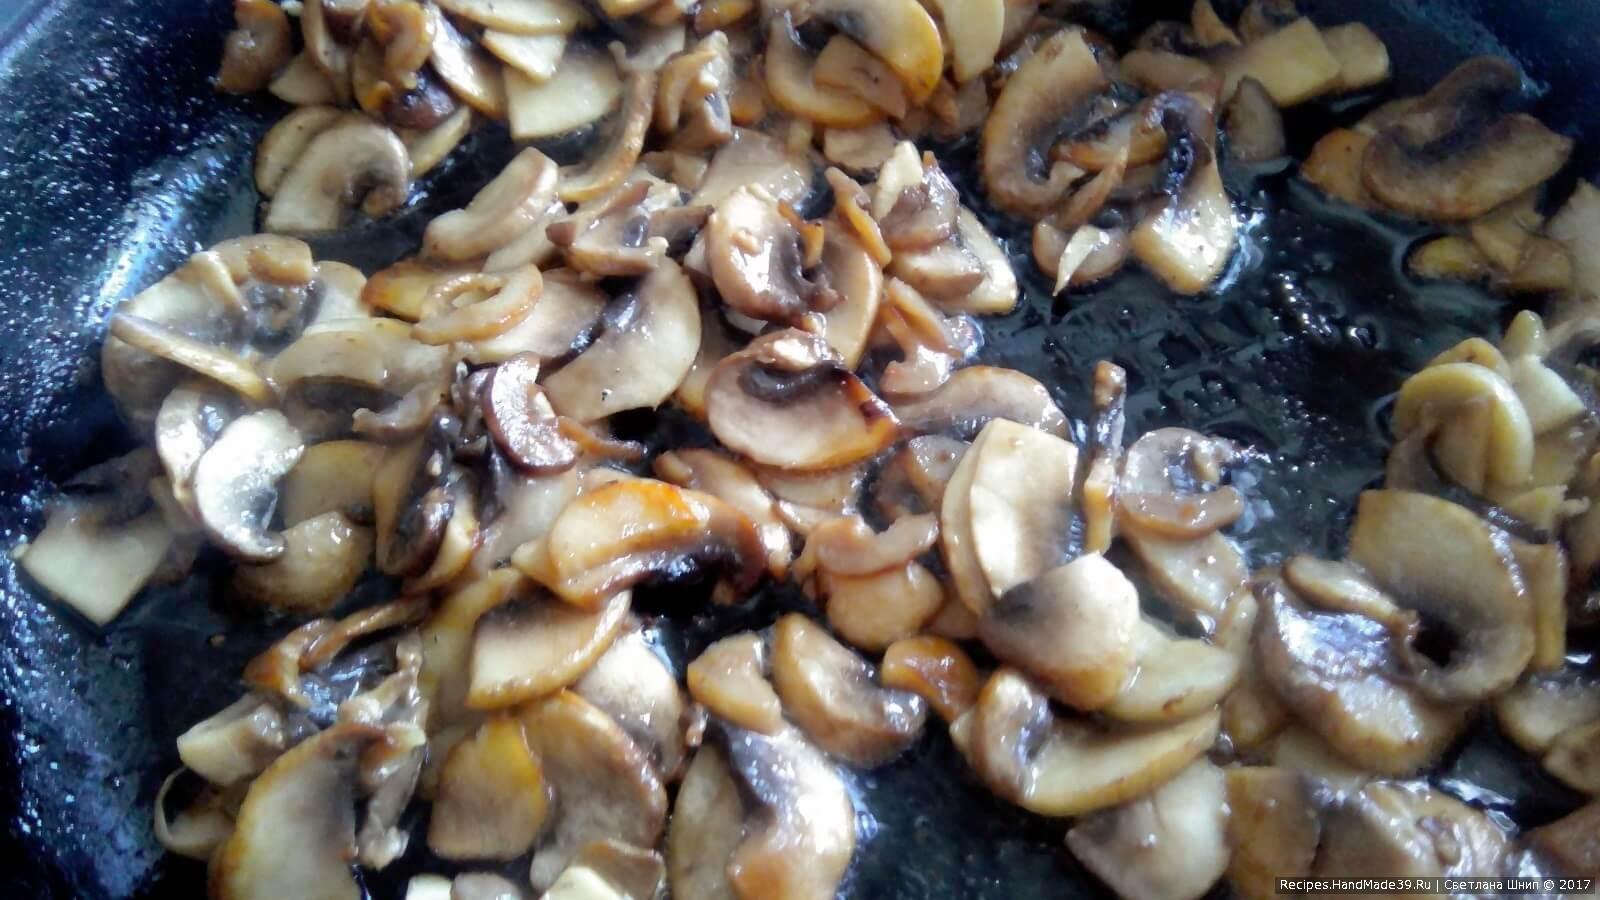 Салат «Гранатовое сердце» – фото шаг 2. Шампиньоны обжарить в растительном масле, посолить по вкусу